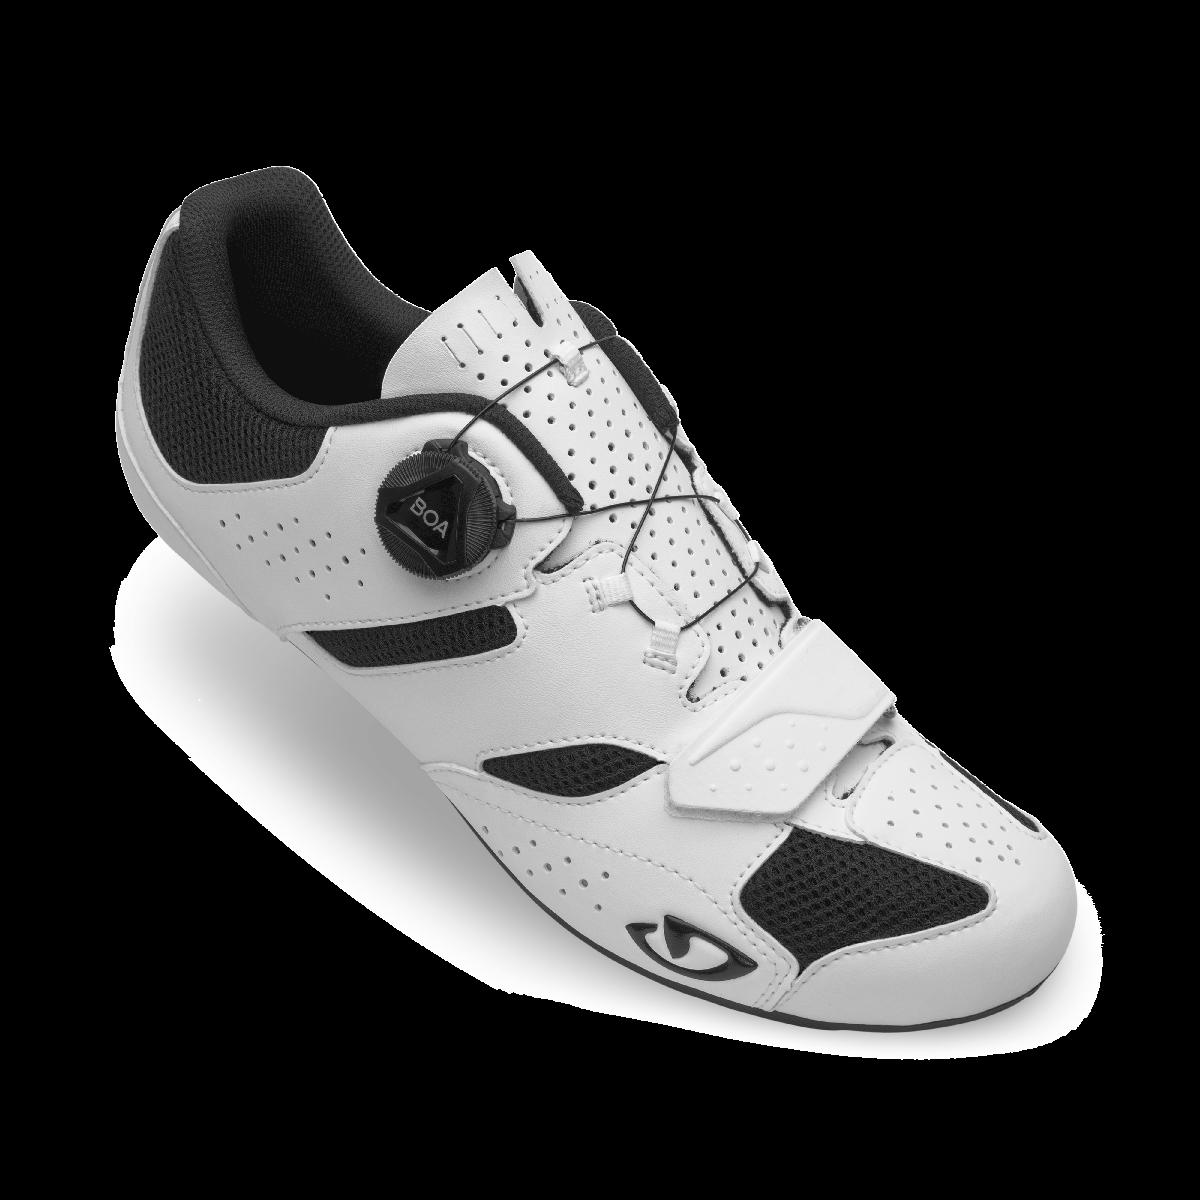 Giro Savix II Road Mens Cycling Shoes 2021 - 360 Cycles